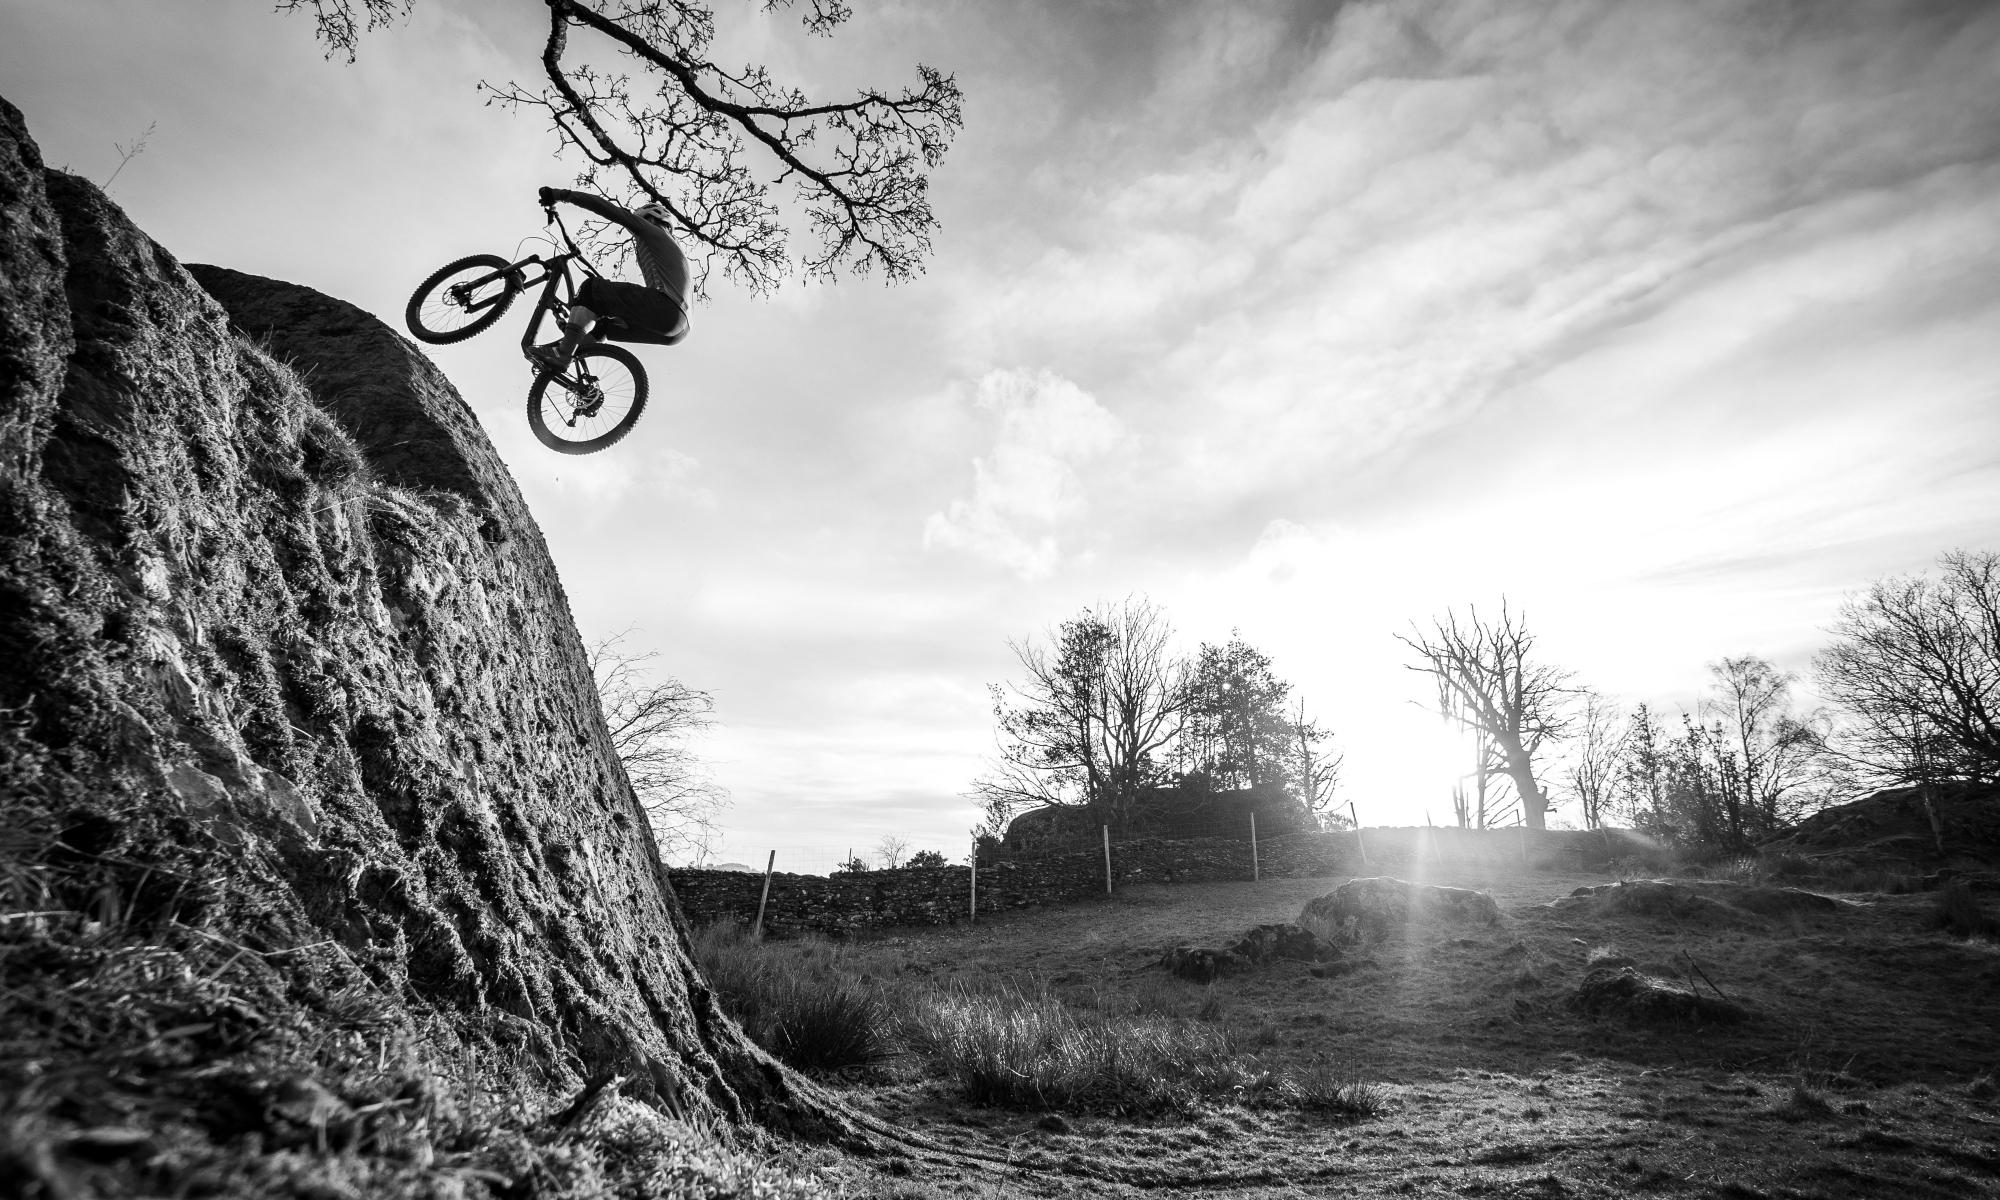 mountain biker rock slab